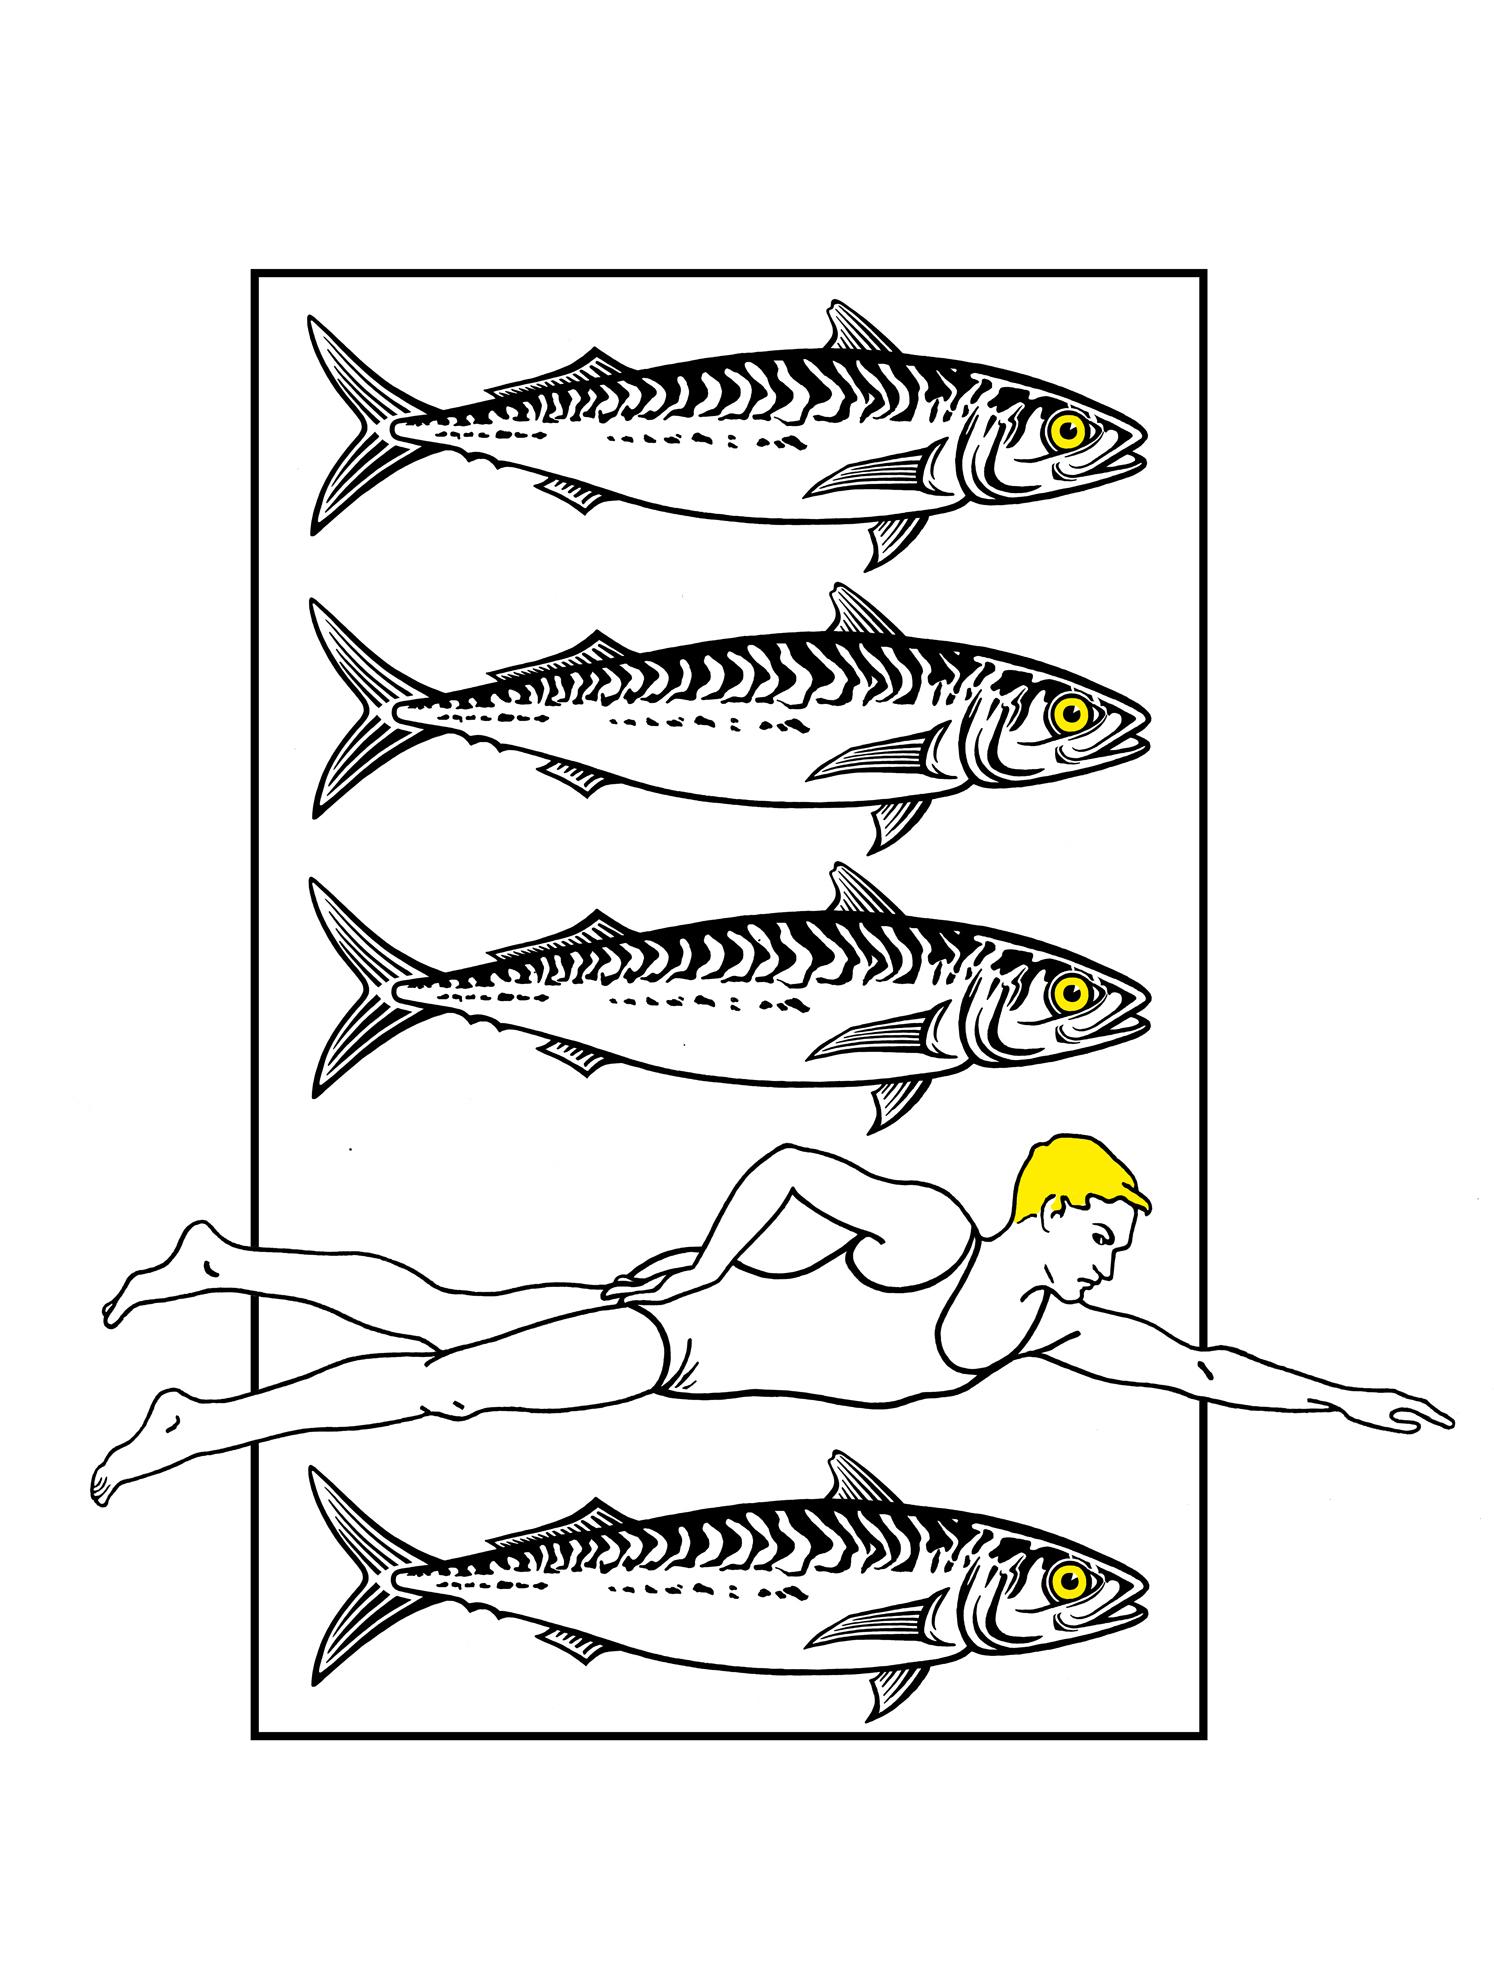 fish_and_man.jpg